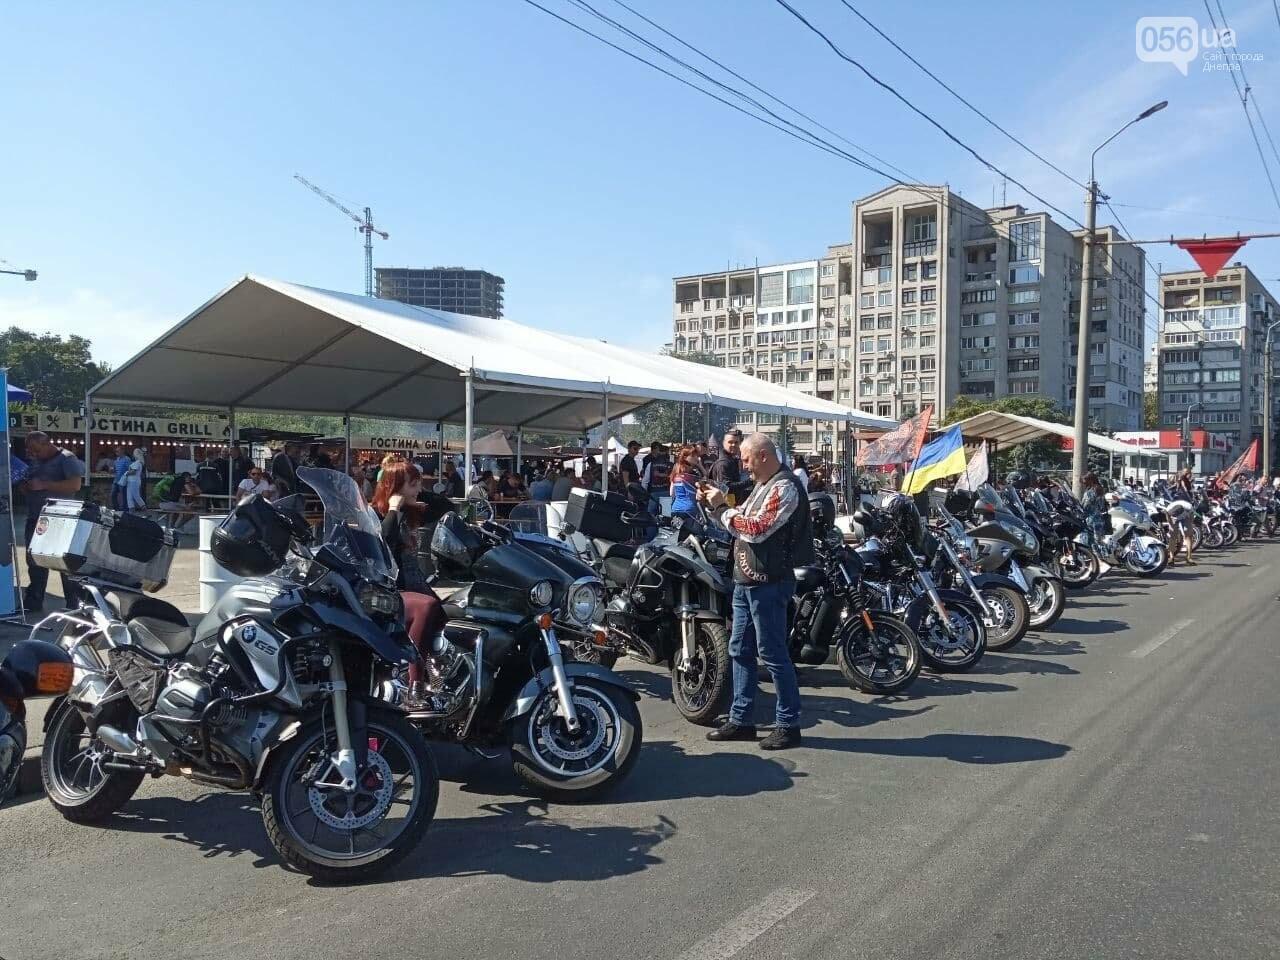 В Днепре байкеры сезон закрыли, но мотоциклы в гараж не поставили, - ФОТО, ВИДЕО, фото-11